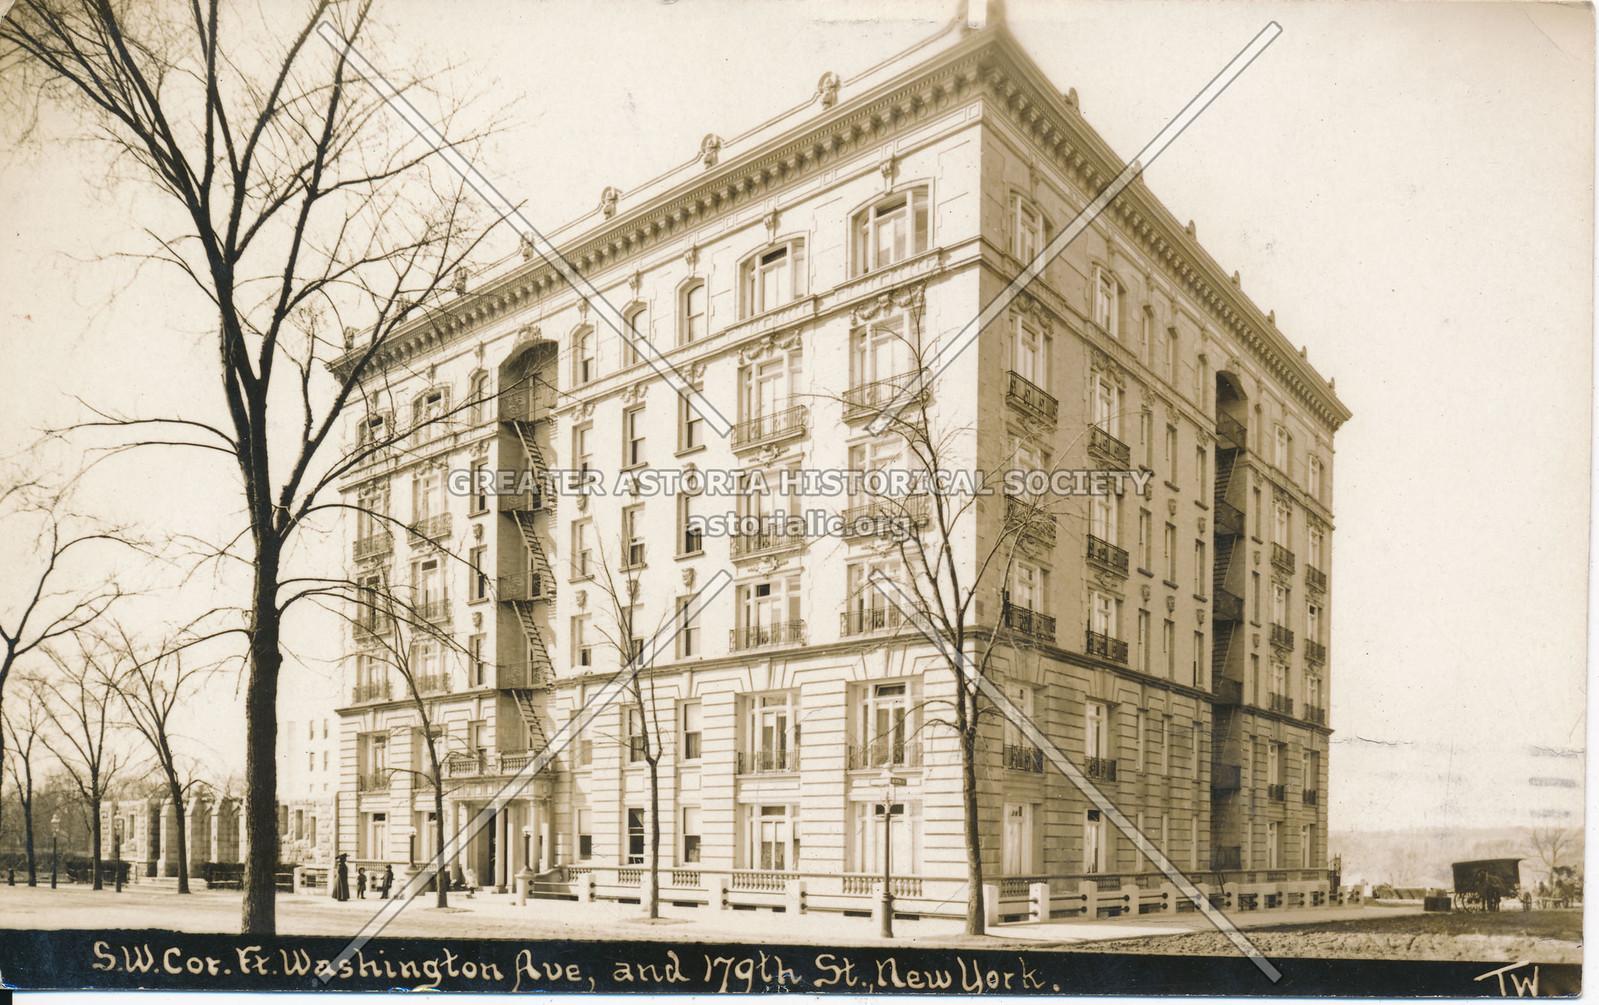 S.W. Cor., Fort Washington Ave, & 179th St., N.Y.